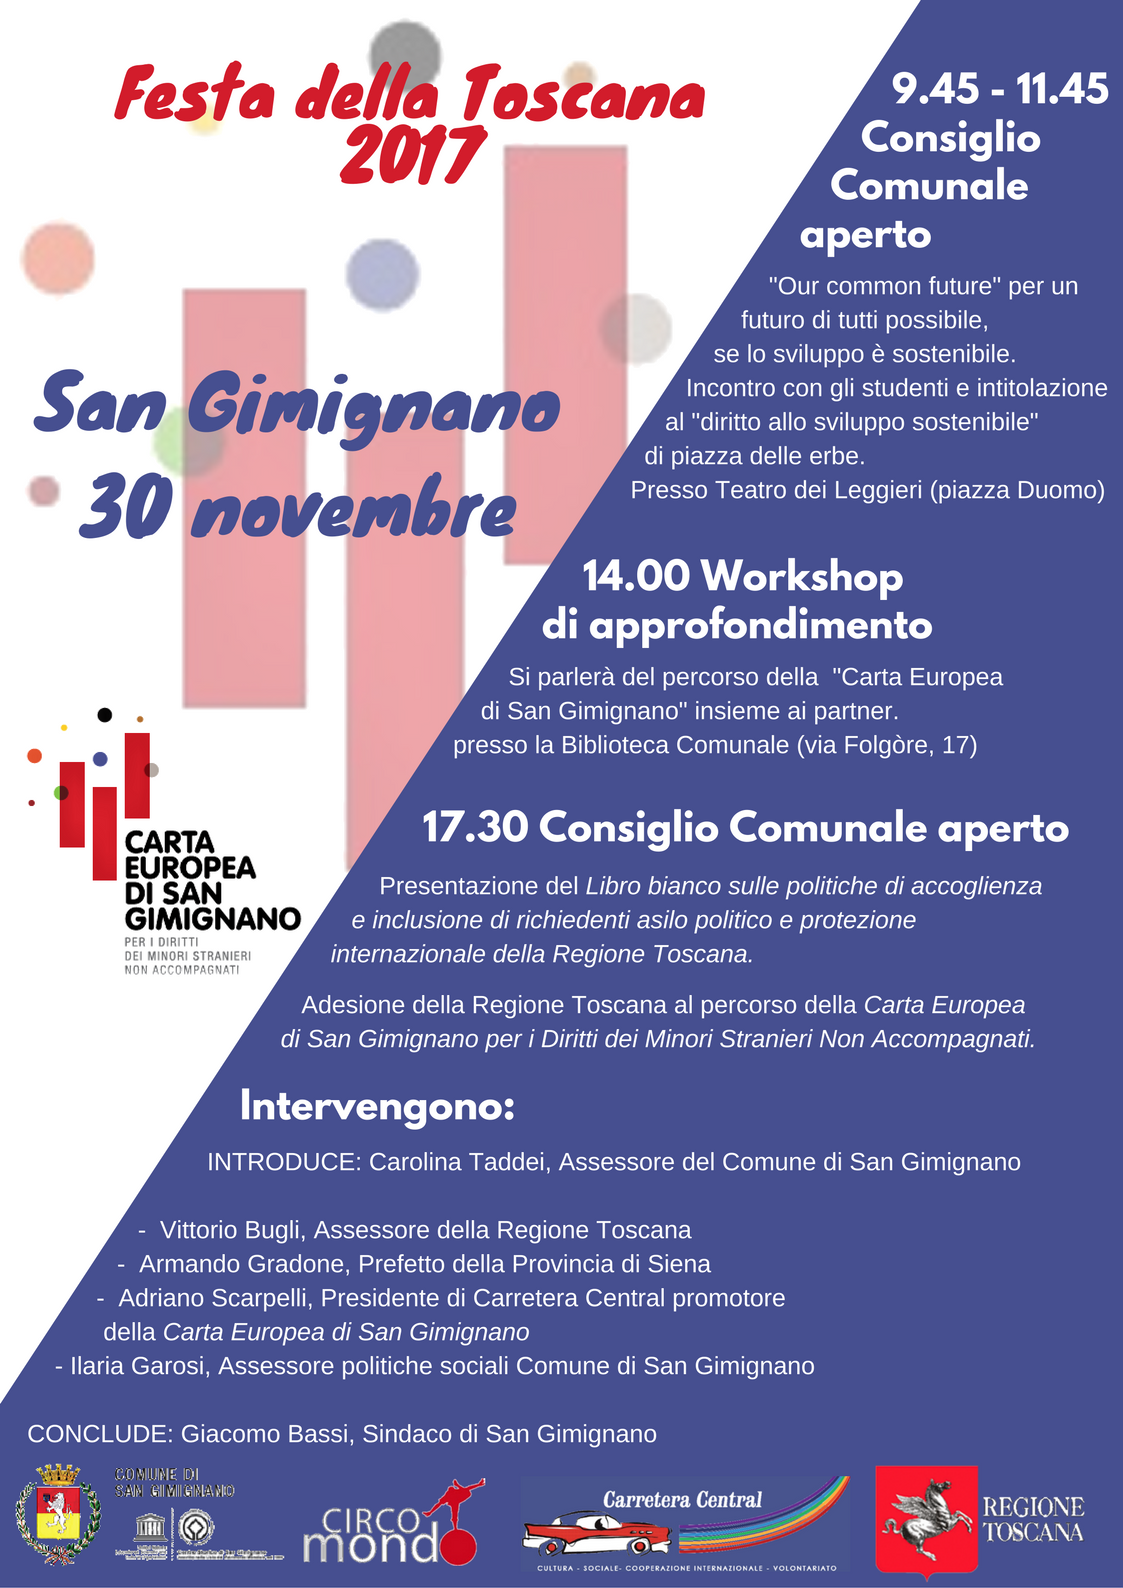 carta di san gimignano programma presentazione alla festa della toscana a san gimignano 30 novembre 2017